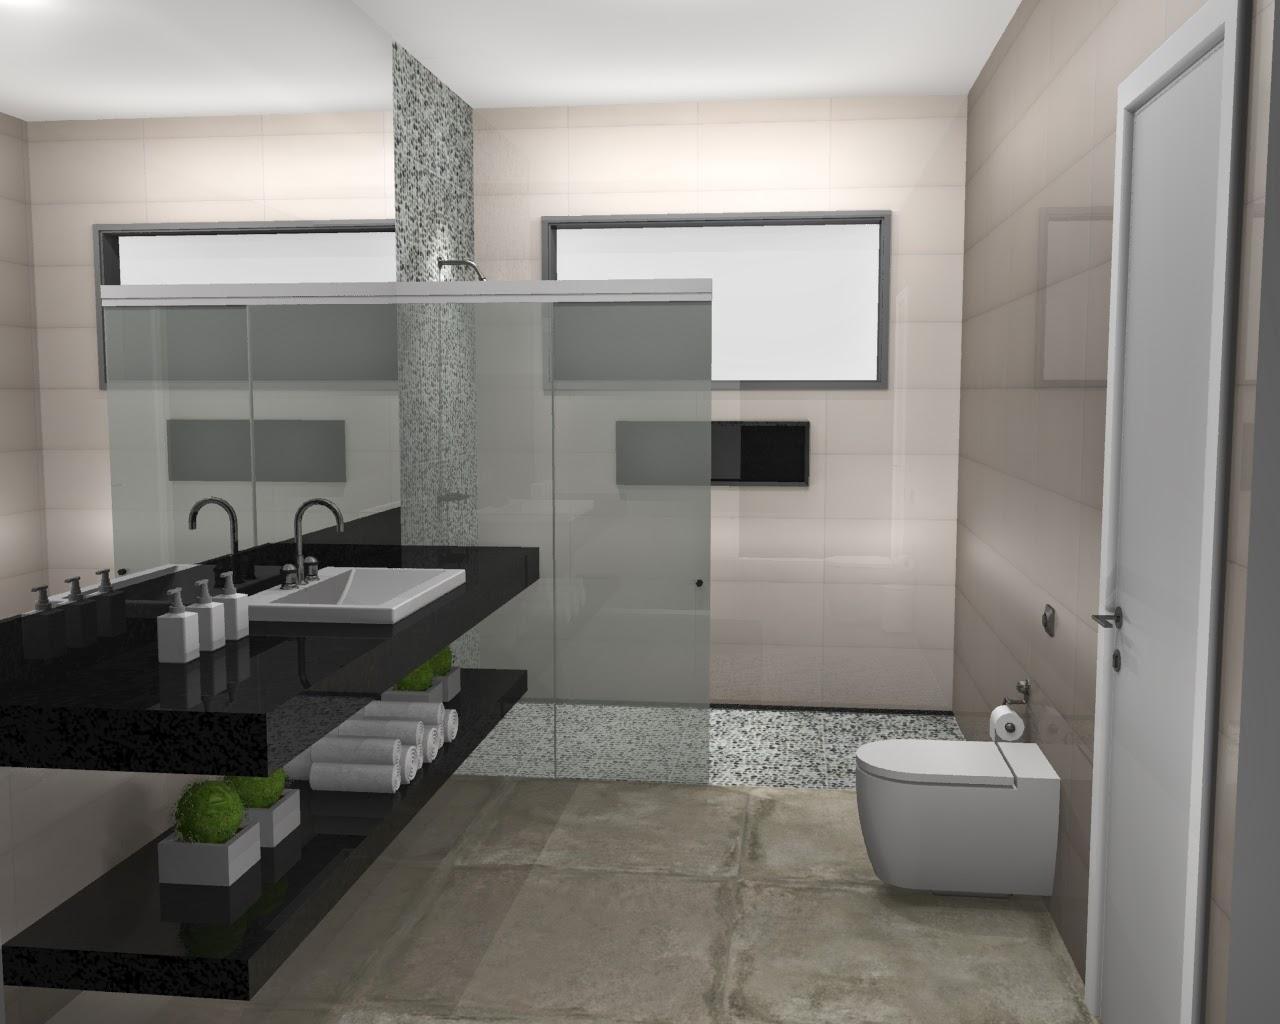 Imagem 10 – Revestindo o banheiro com porcelanato esmaltado #70645B 1280x1024 Banheiro Cimento Queimado E Pastilhas